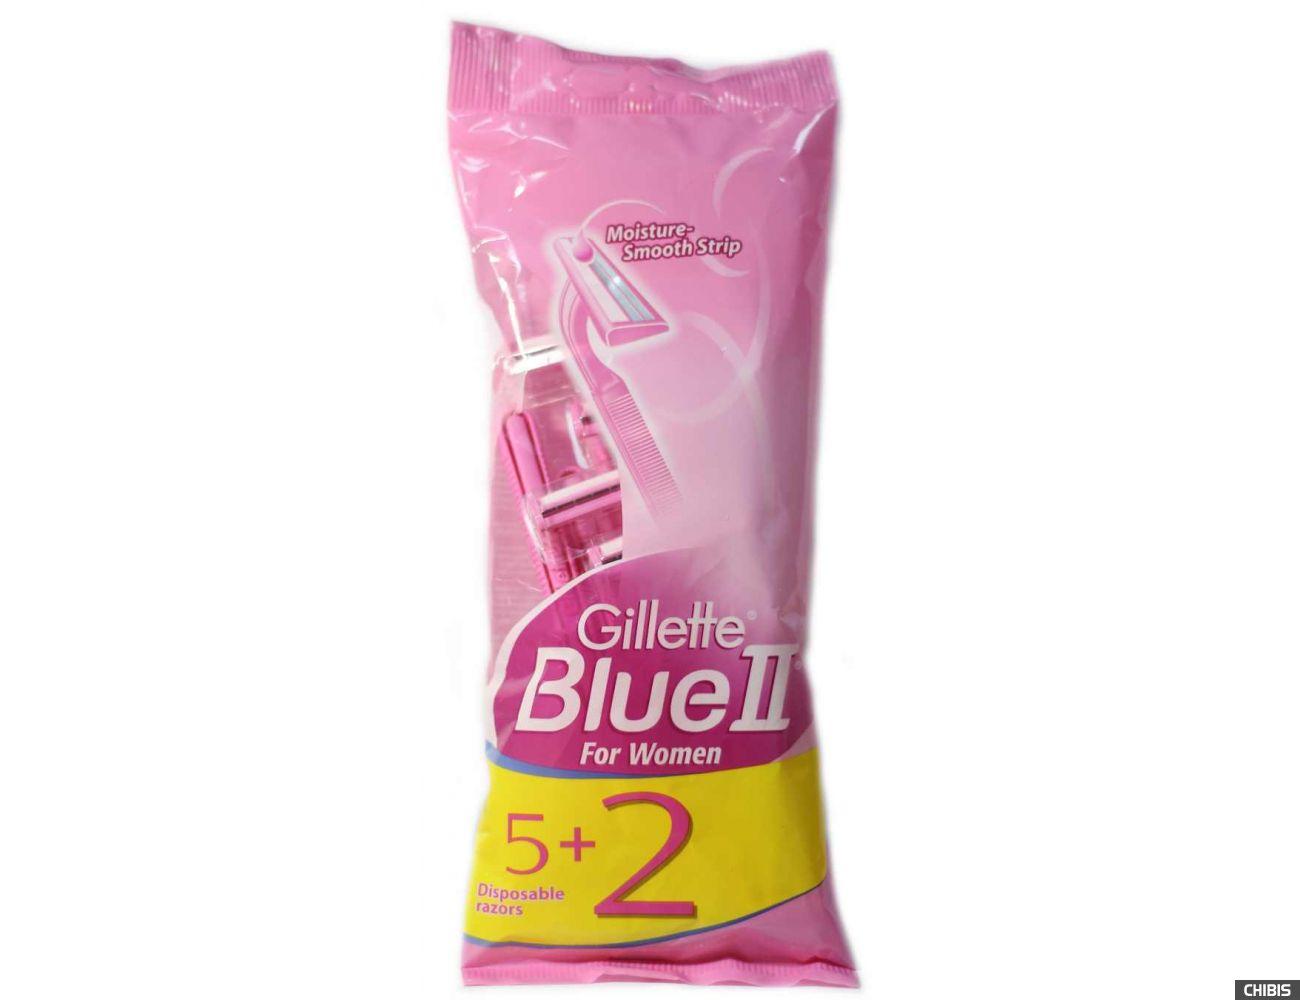 Бритва для женщин Gillette Blue II одноразовая 5 шт. + 2 шт бесплатно 7702018069361